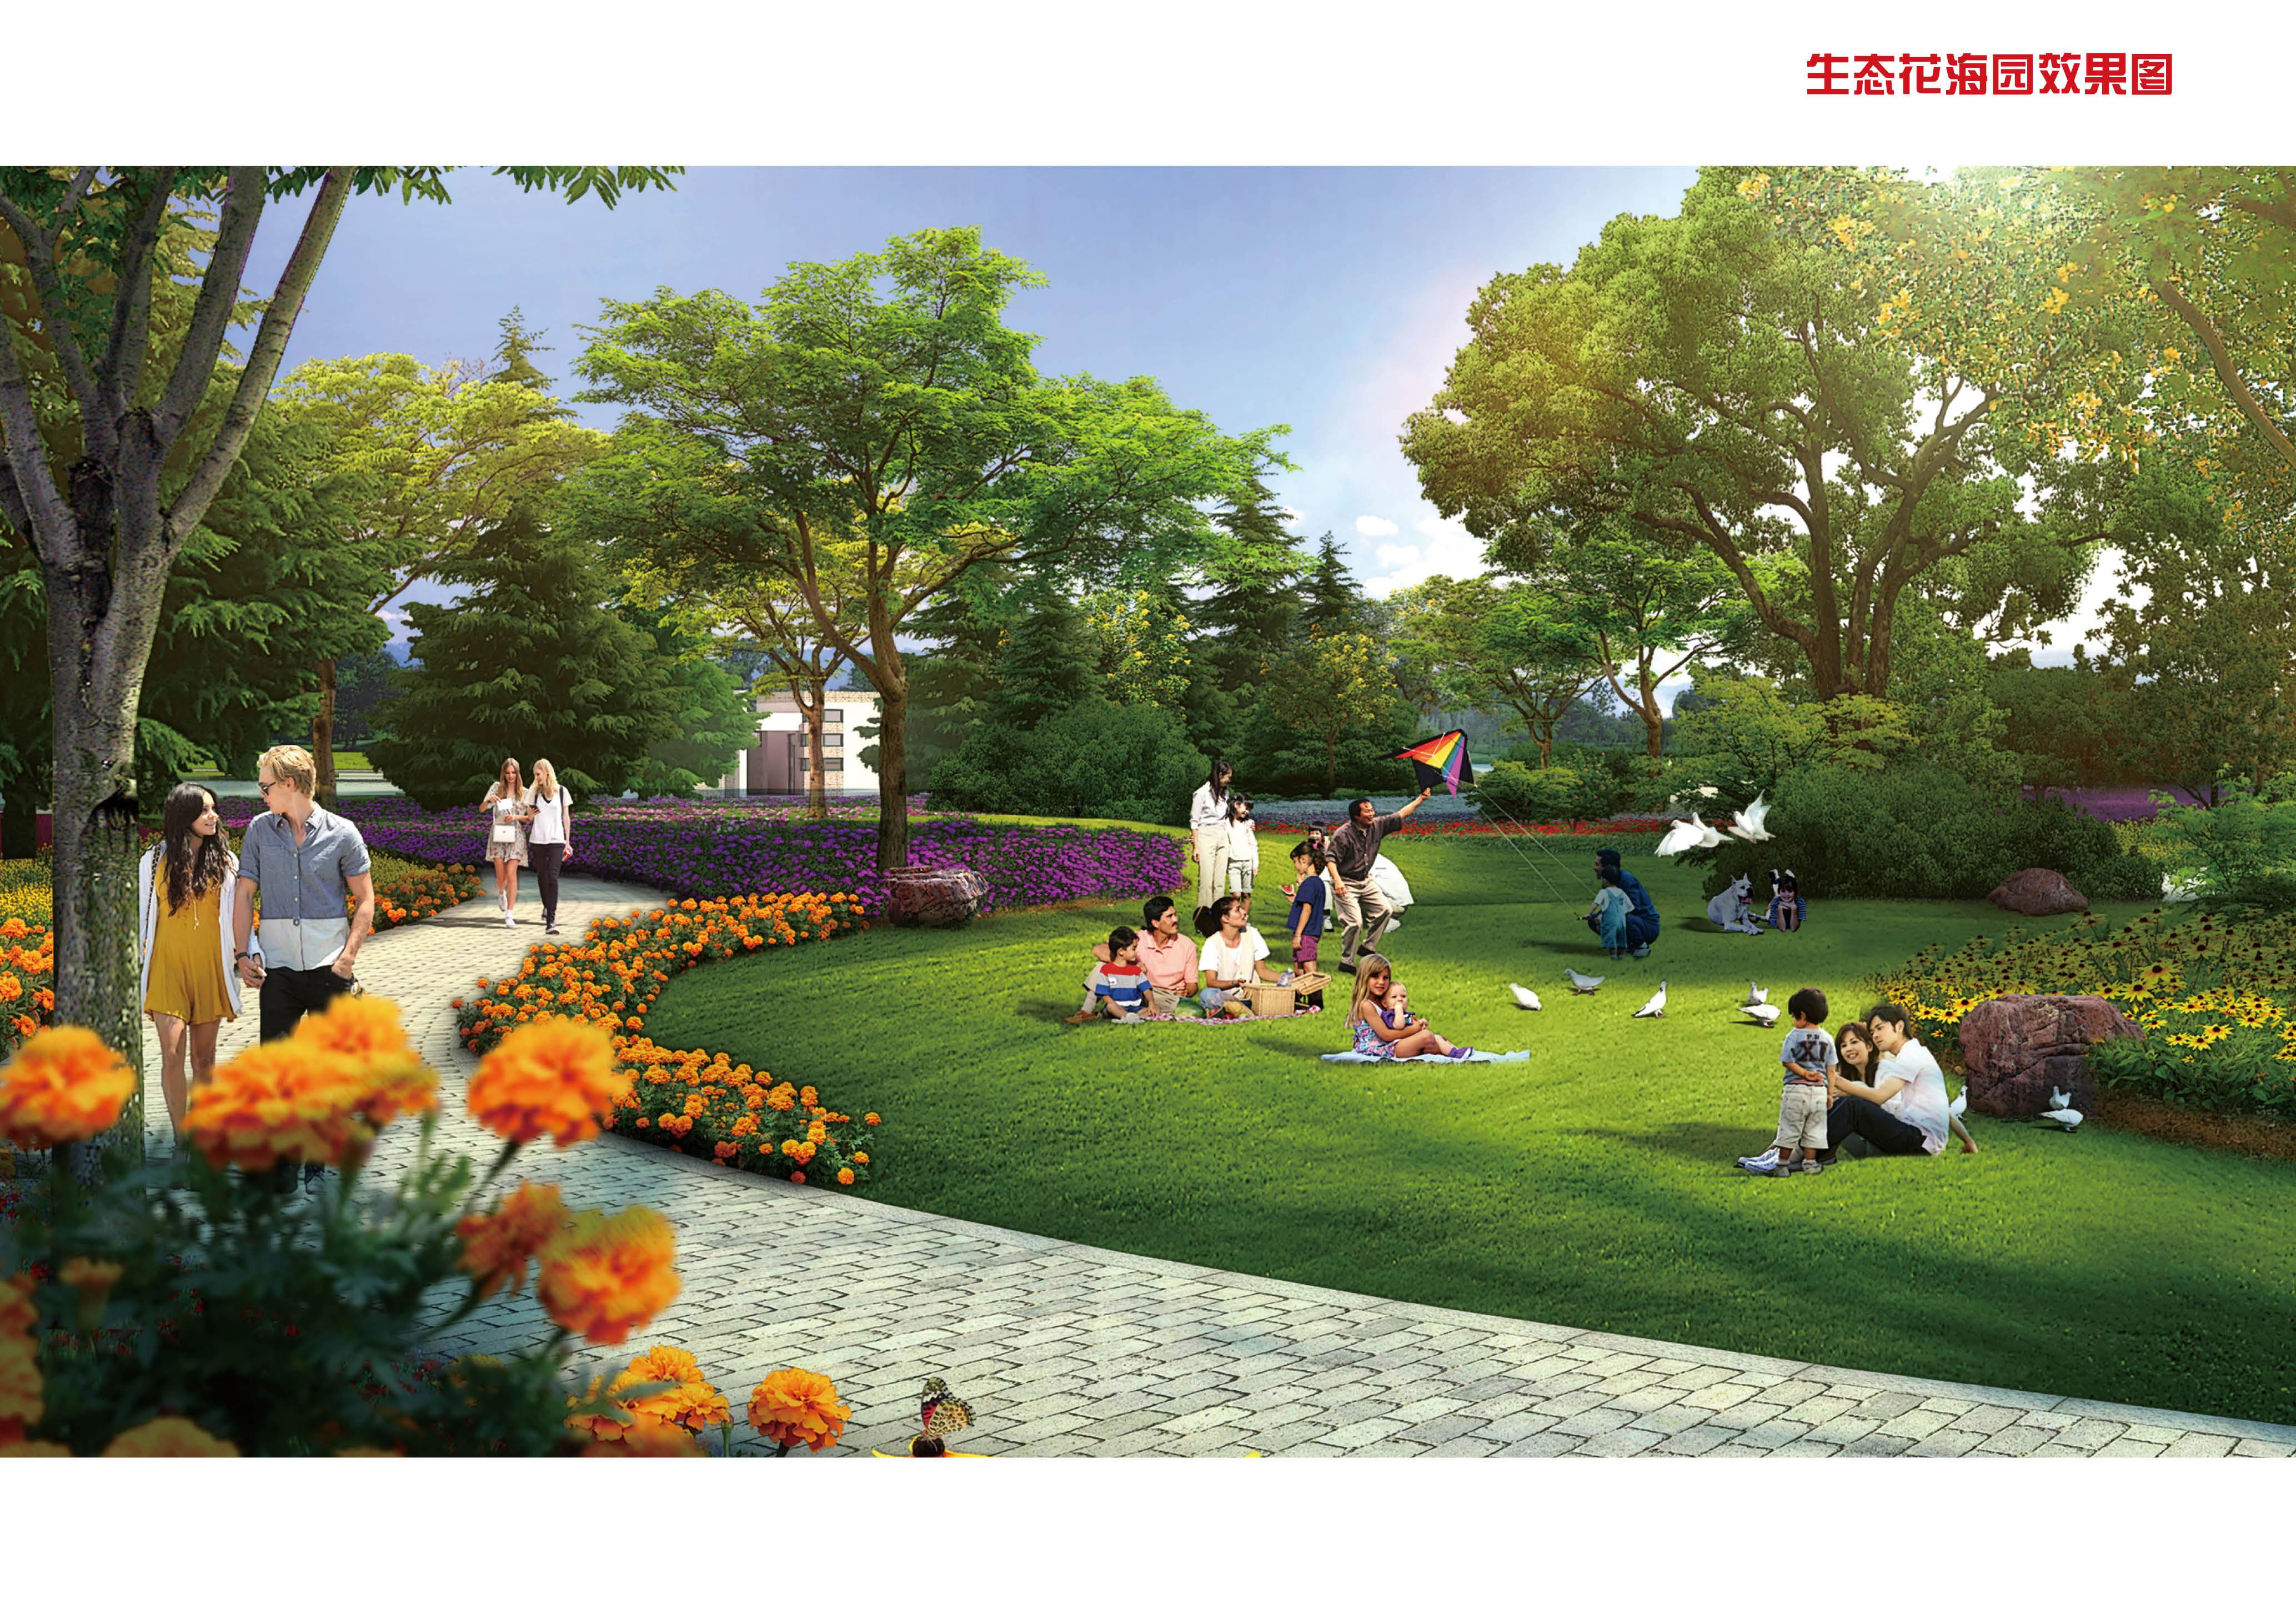 洋口港开发区海洋主题公园-洋口港开发区海洋主题公园景观设计80